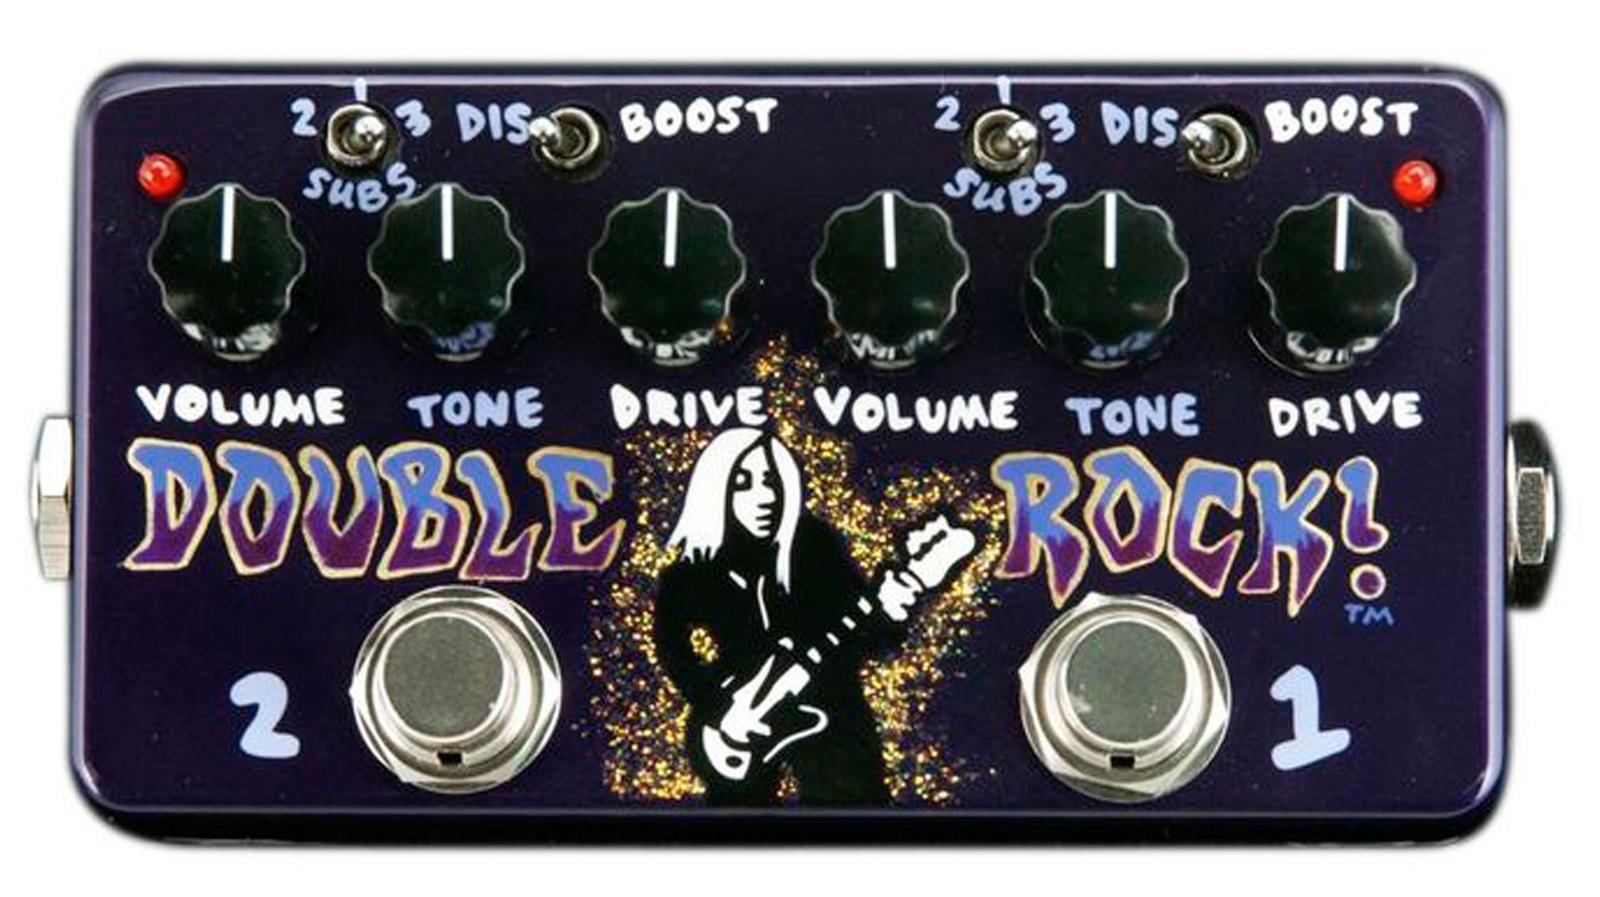 【レビューを書いて次回送料無料クーポンGET】Z.Vex Double Rock J Mascis Dinosaur Jr エフェクター [直輸入品][並行輸入品]【ZVex】【ブースター】【オーバードライブ】【ディストーション】【ジーベックス】【新品】